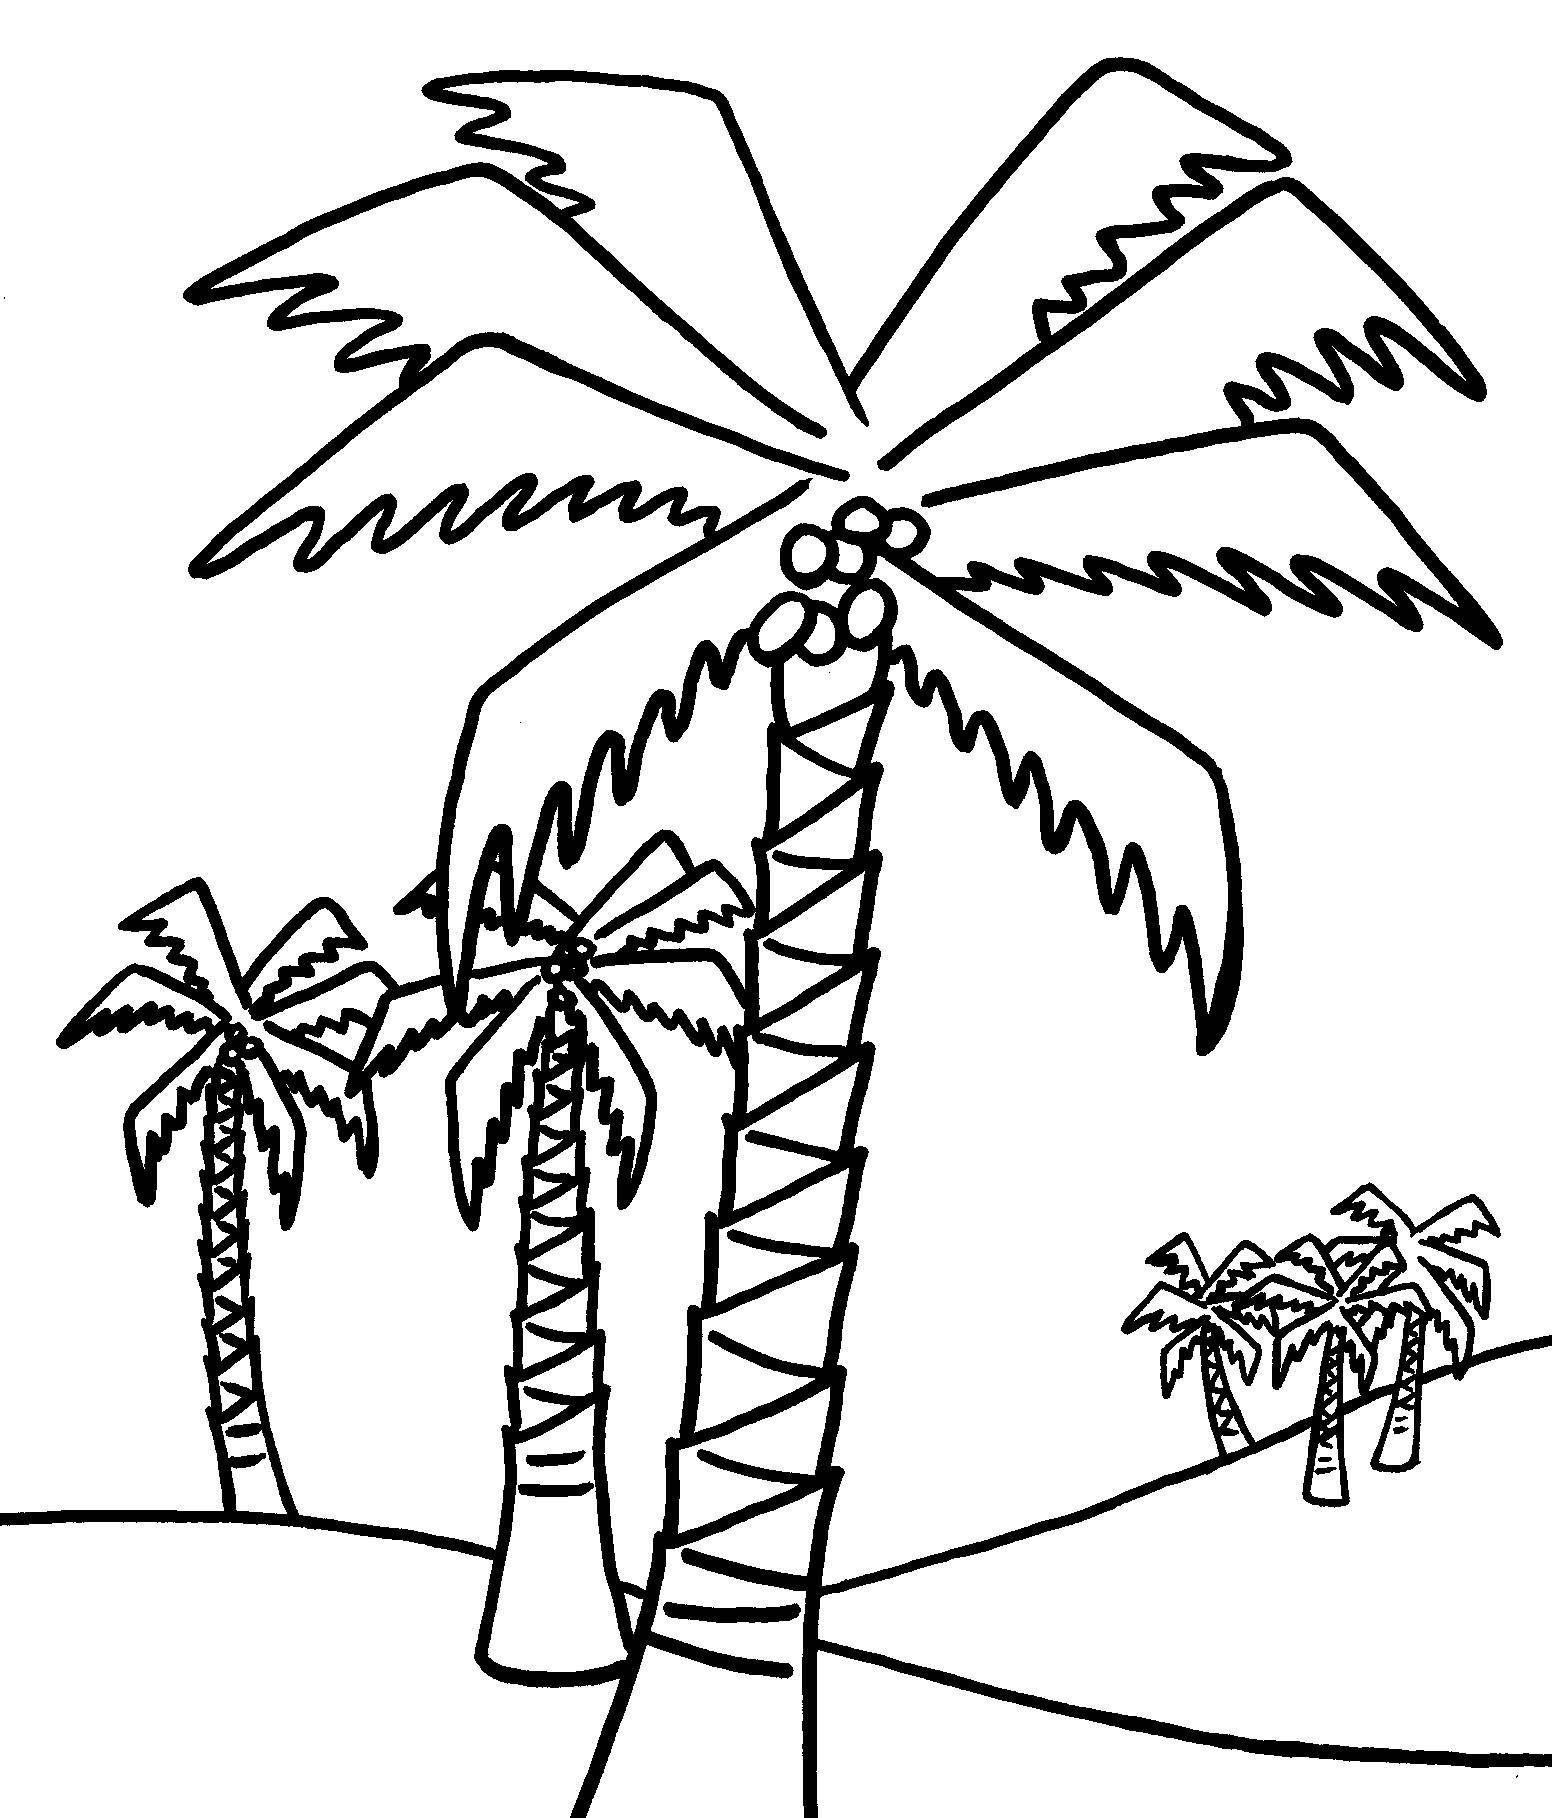 Tranh tô màu những cây dừa